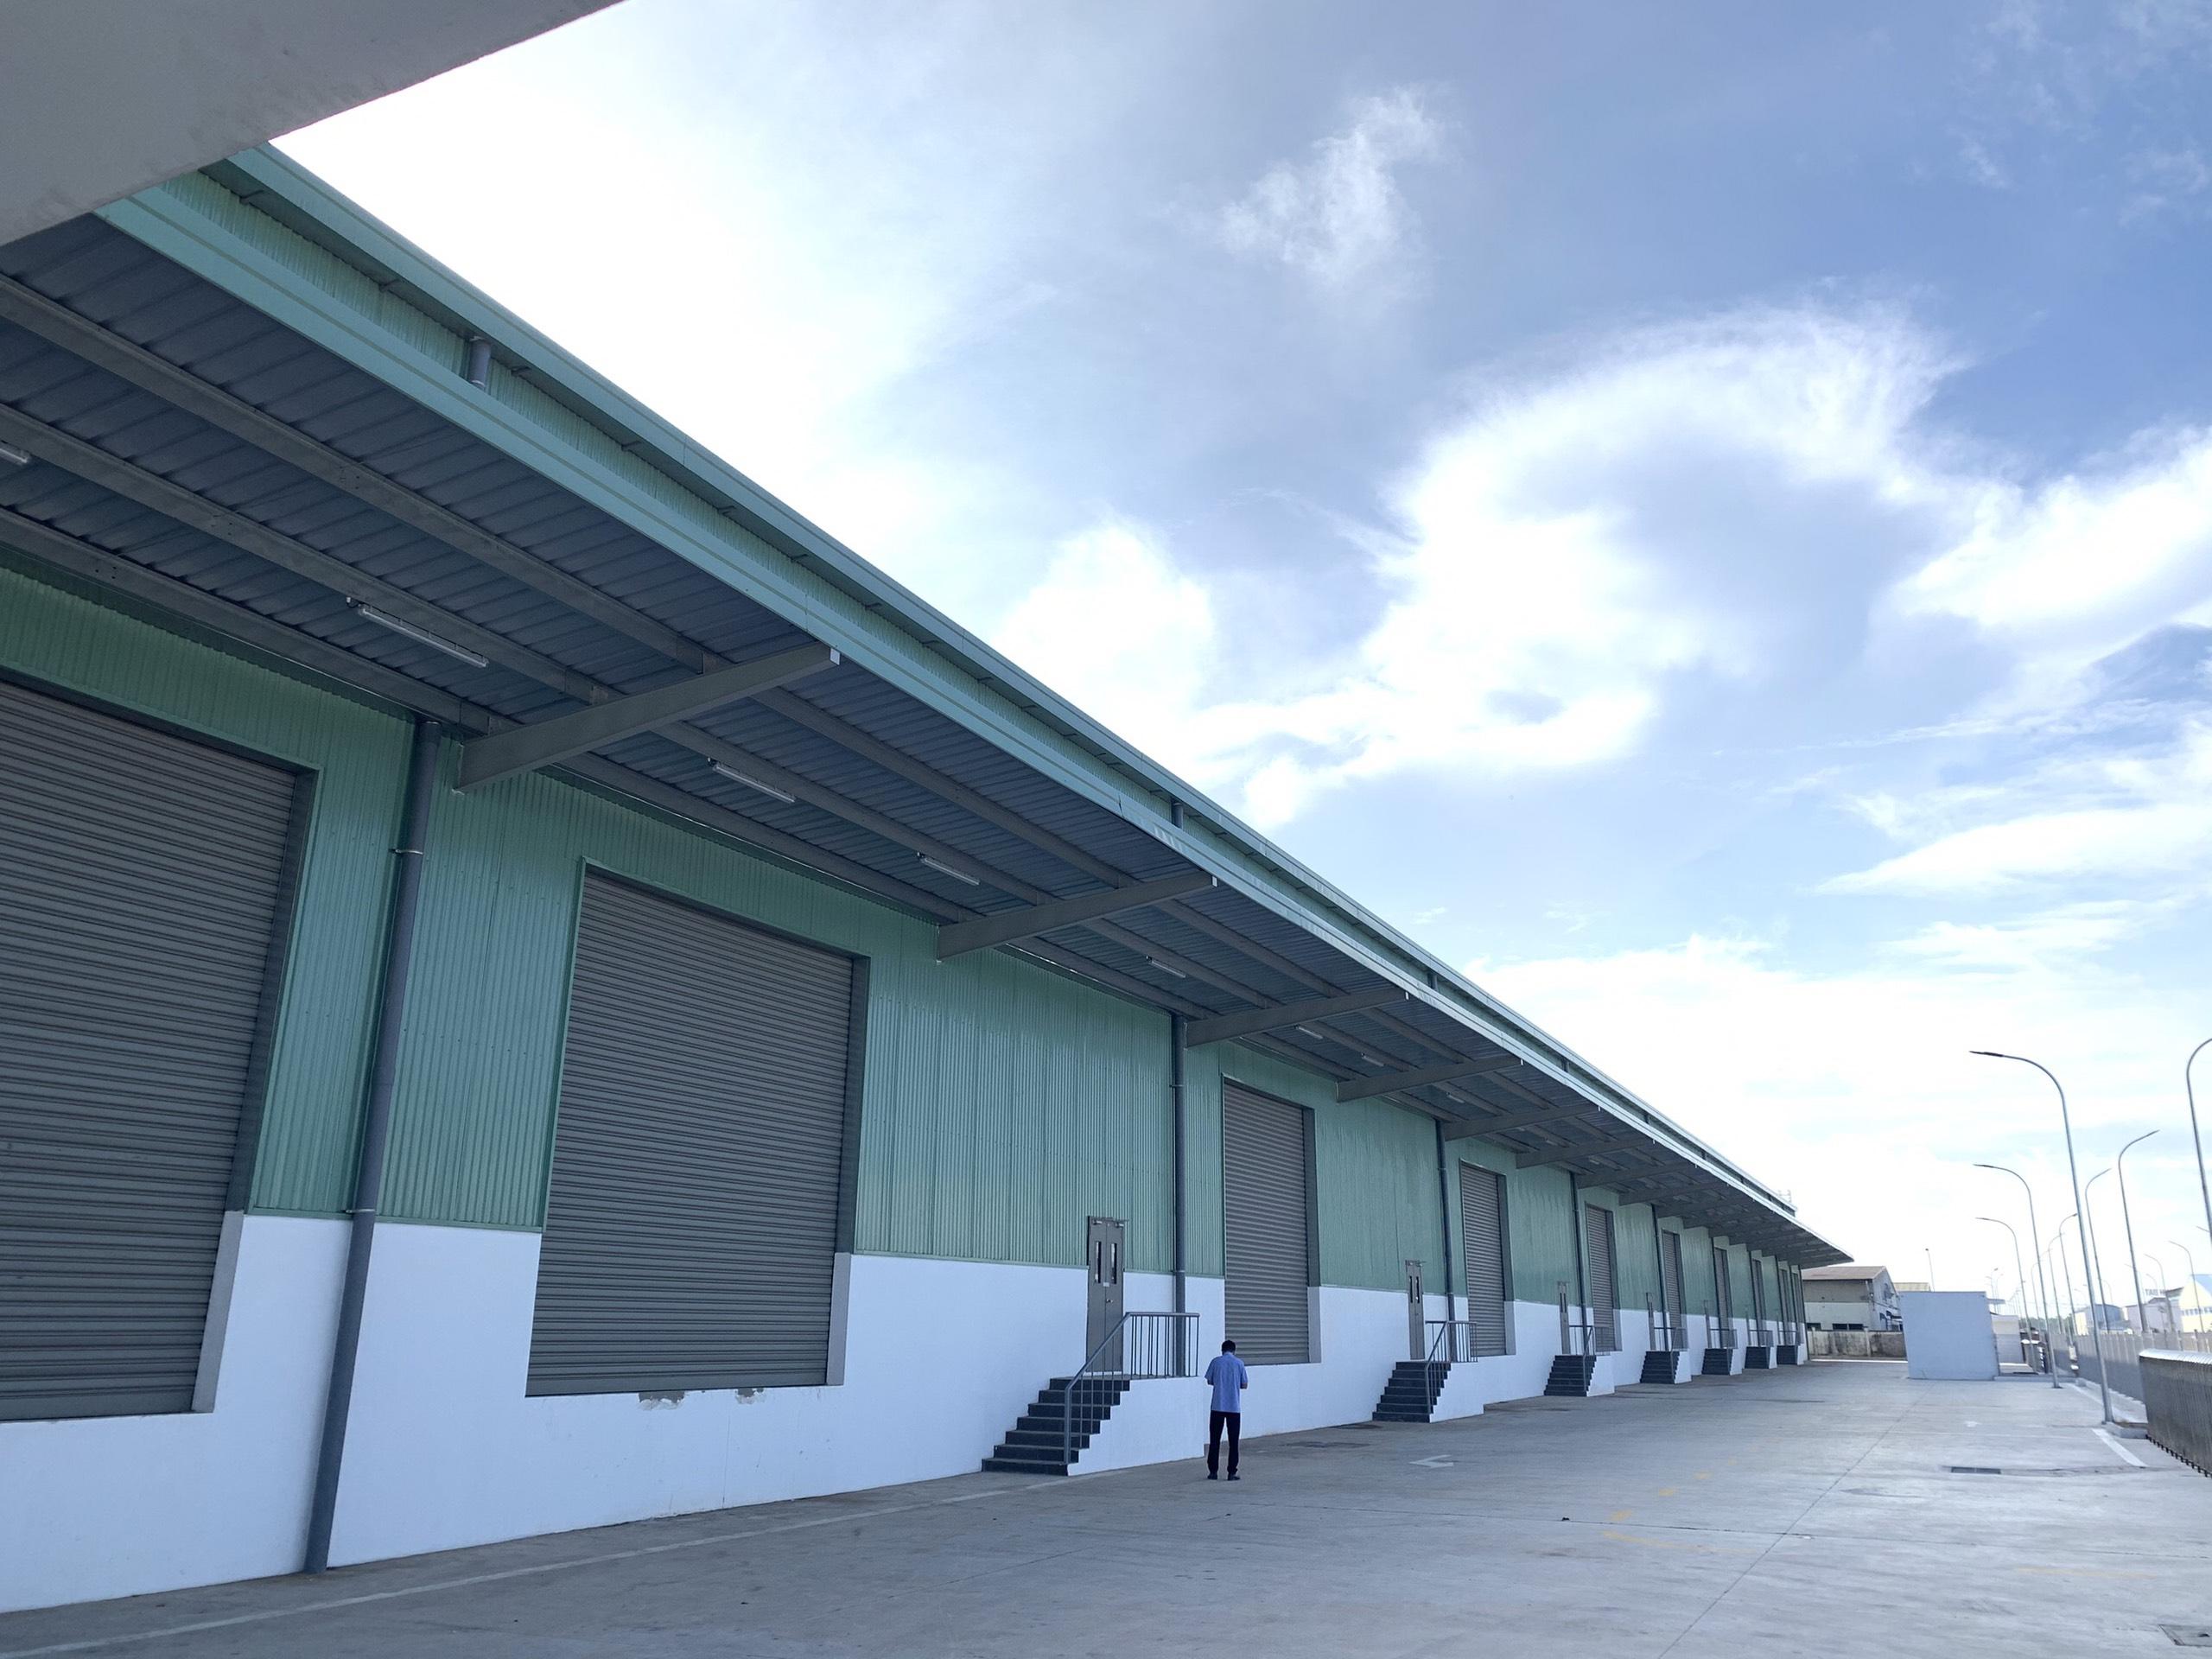 Cho thuê kho tiêu chuẩn dt 4.000m2-12.000m2 tại KCN Đài Tư, Long Biên vị trí đẹp. Giá 6$/m2/tháng